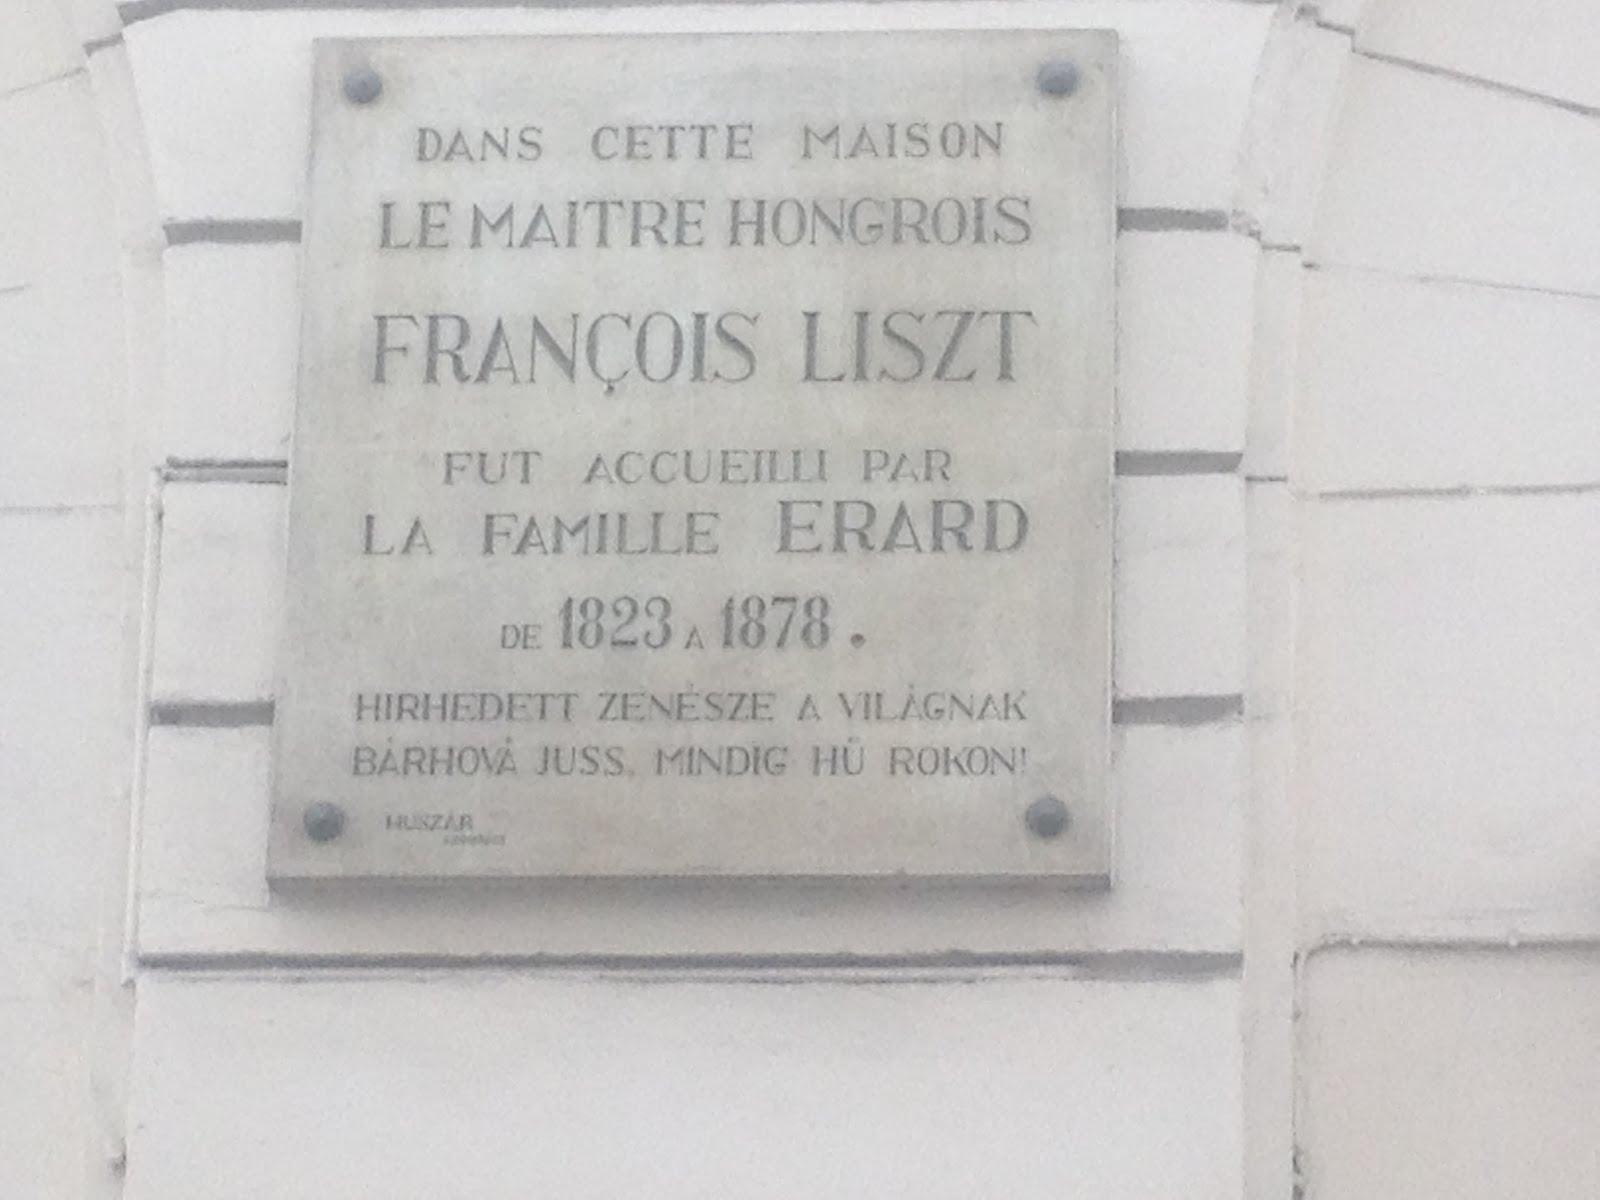 Recuerdo de la visita del Maestro Francois Liszt, a la  Familia Erard